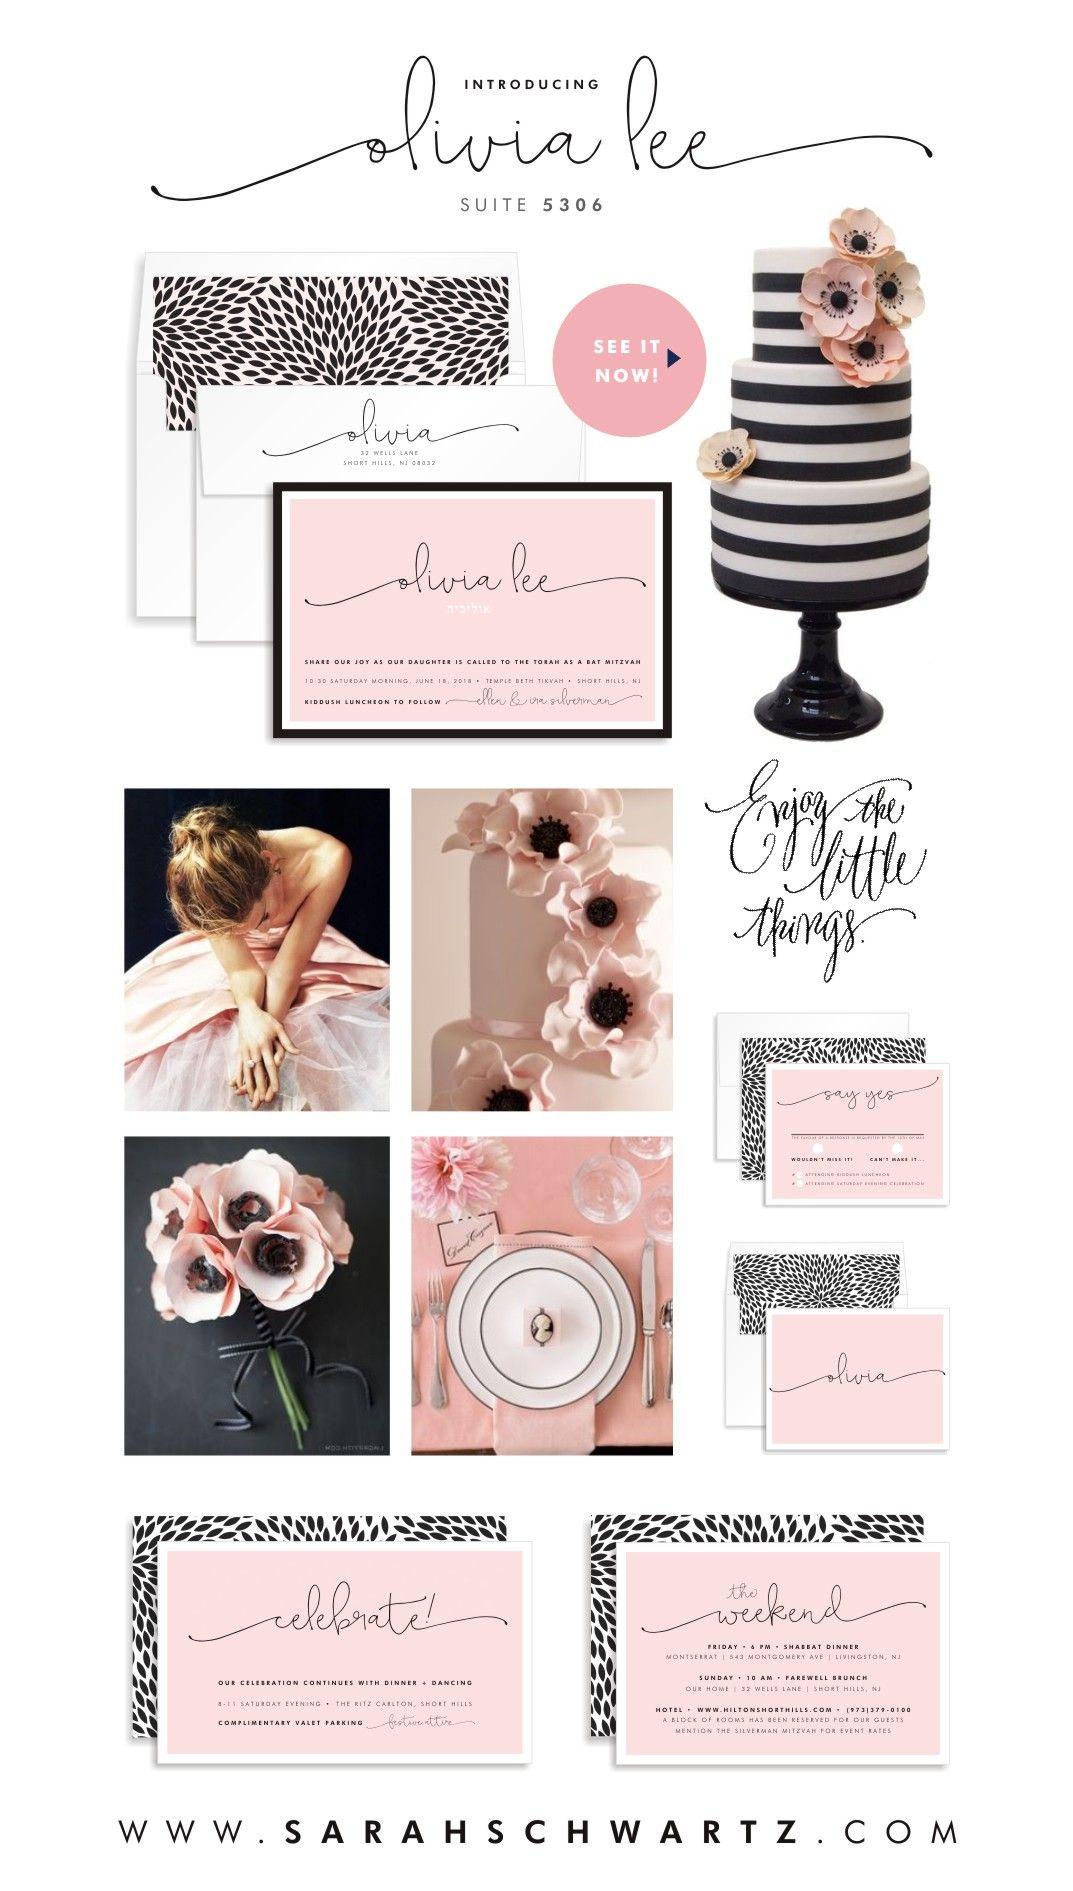 gorgeous new handwritten bat mitzvah invitation in pink and black + white from sarah schwartz mitzvah paper co | www.sarahschwartz.com/blog